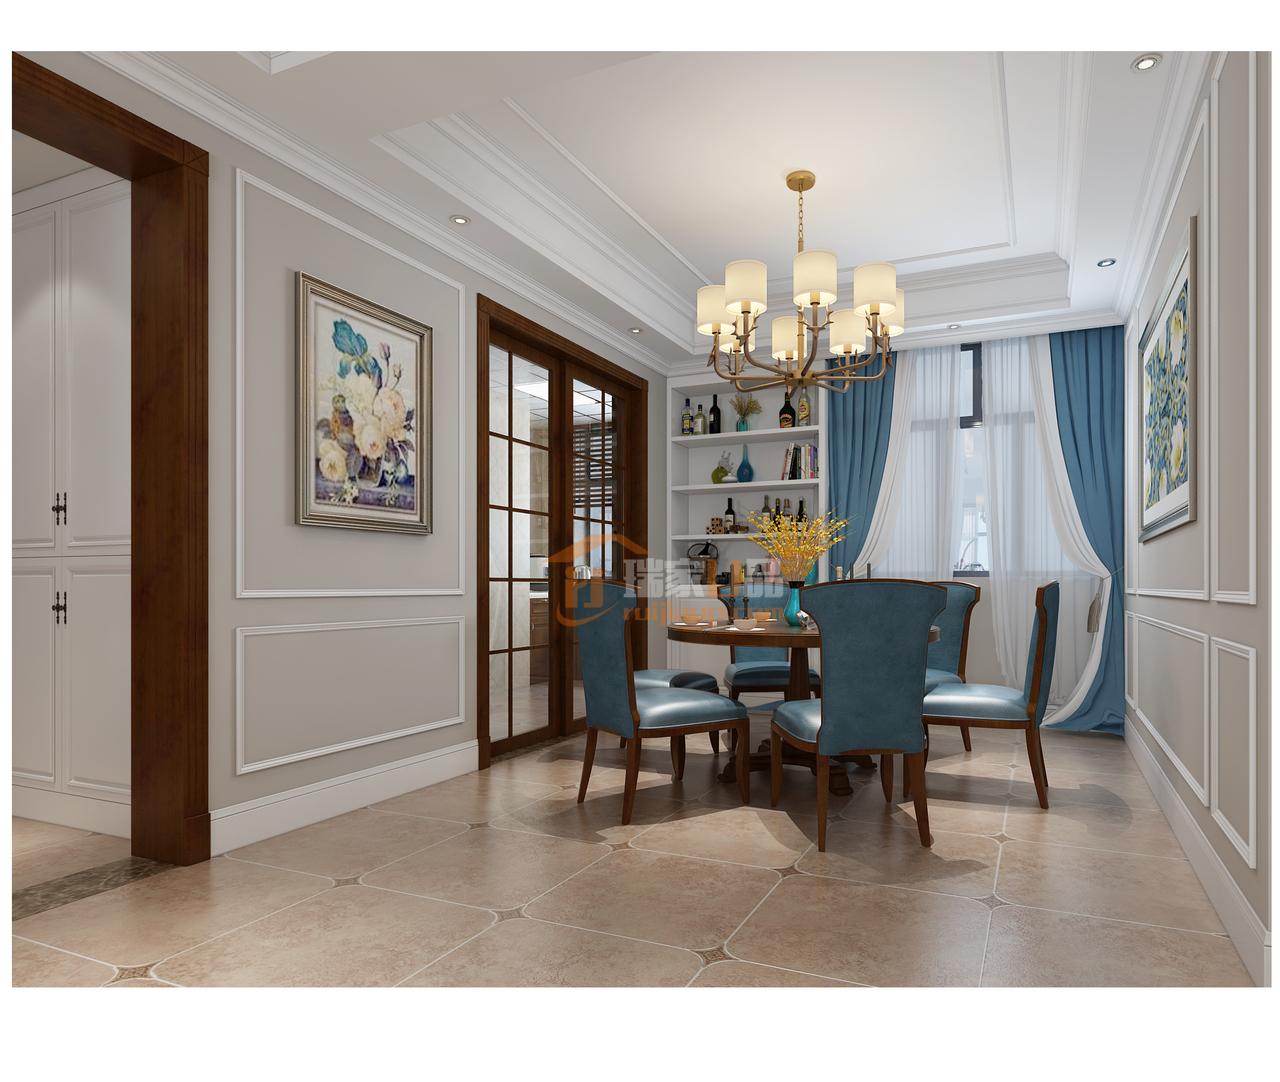 贵阳美的林城时代现代美式风格餐厅装修设计效果图!